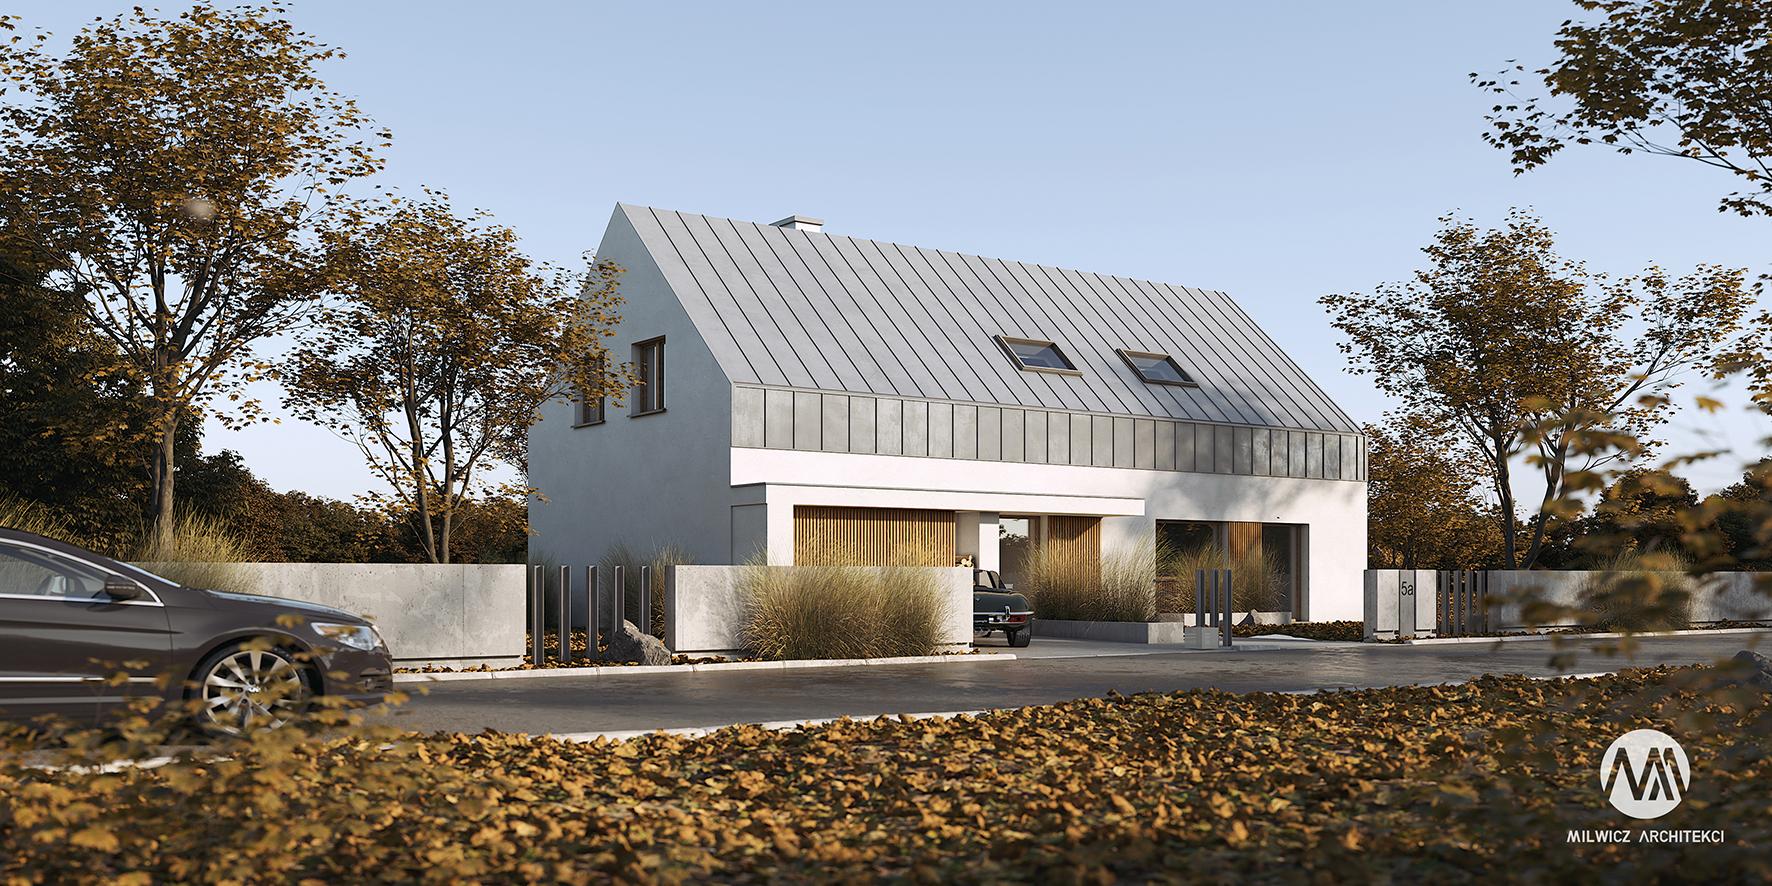 projekt D126, taras zadaszony, nowoczesna stodoła, projekt gotowy, nowoczesna architektura